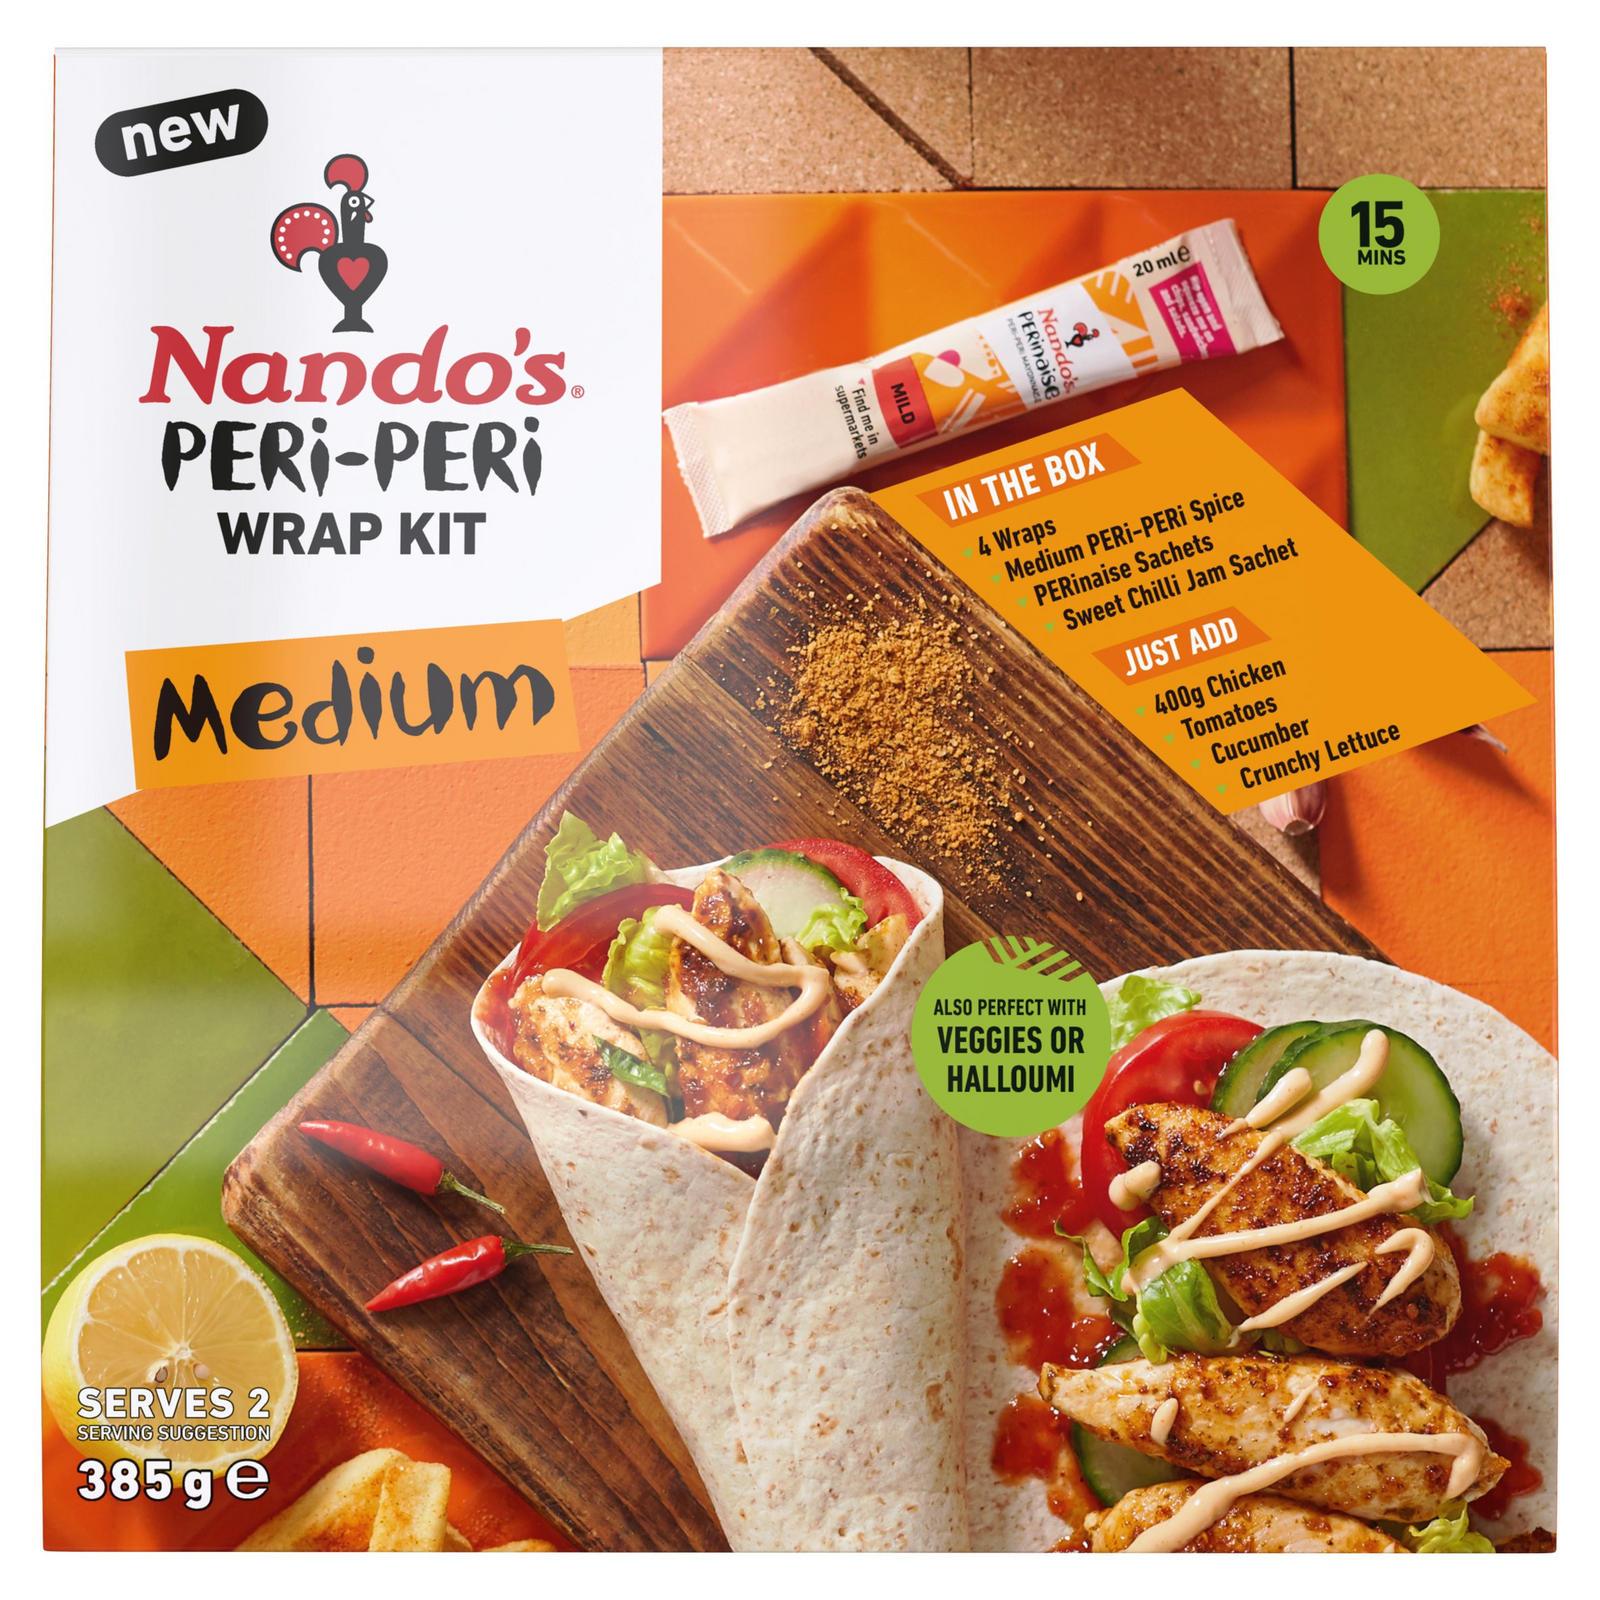 Nando's Medium Peri-Peri Wrap Kit 261g - £2.50 @ Iceland